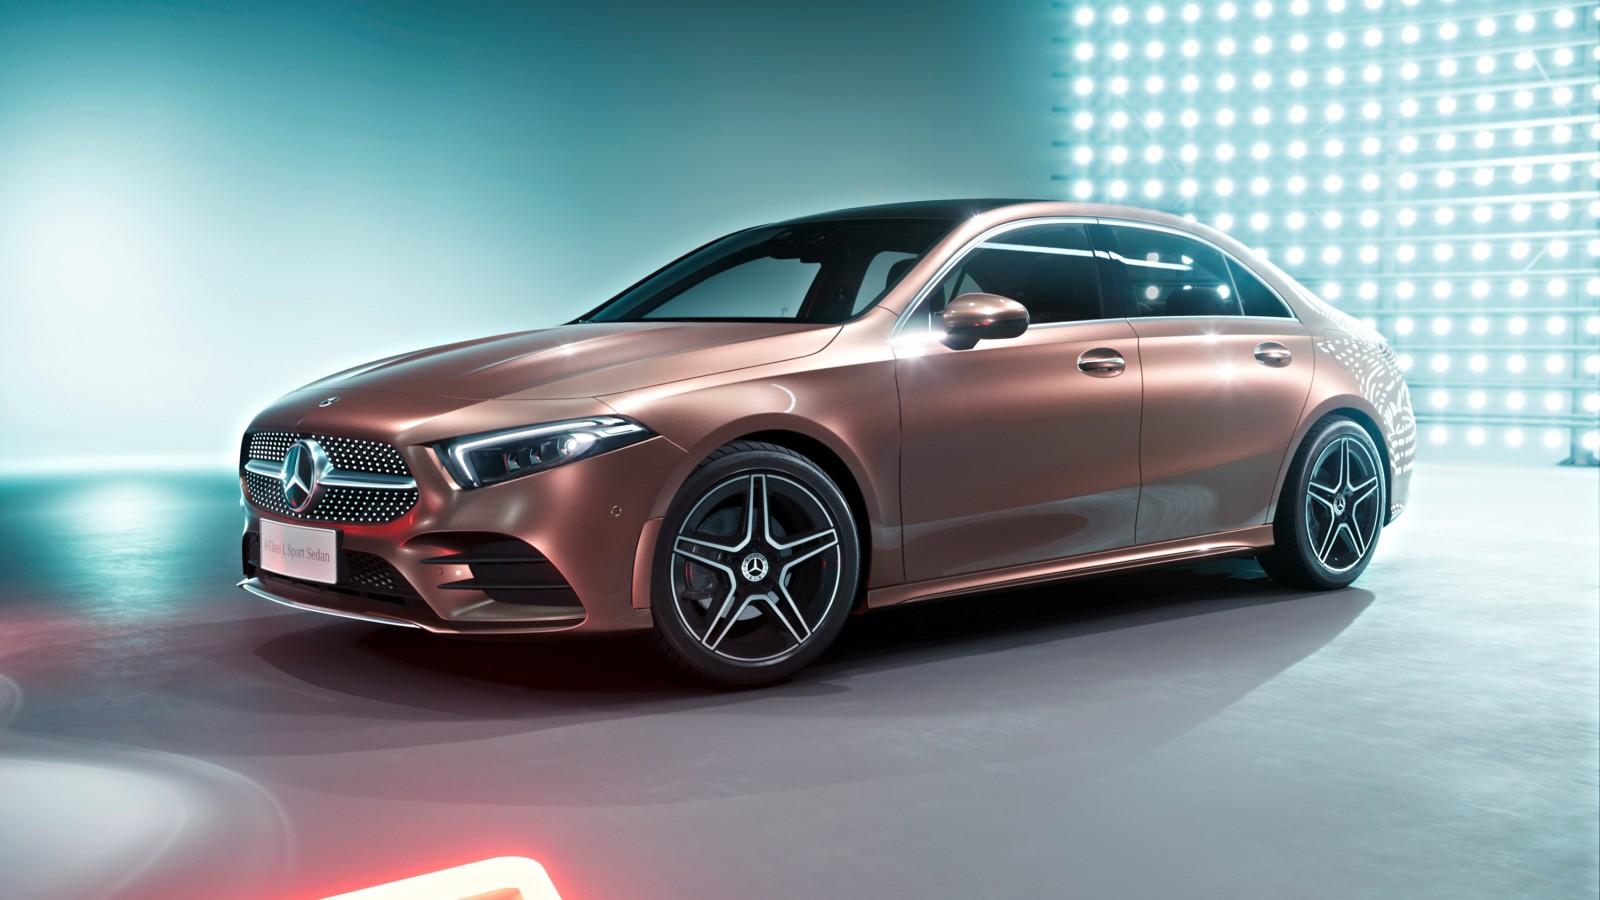 2019 mercedes benz a200 l sport sedan 4k 4 wallpaper hd for Mercedes benz sports sedan